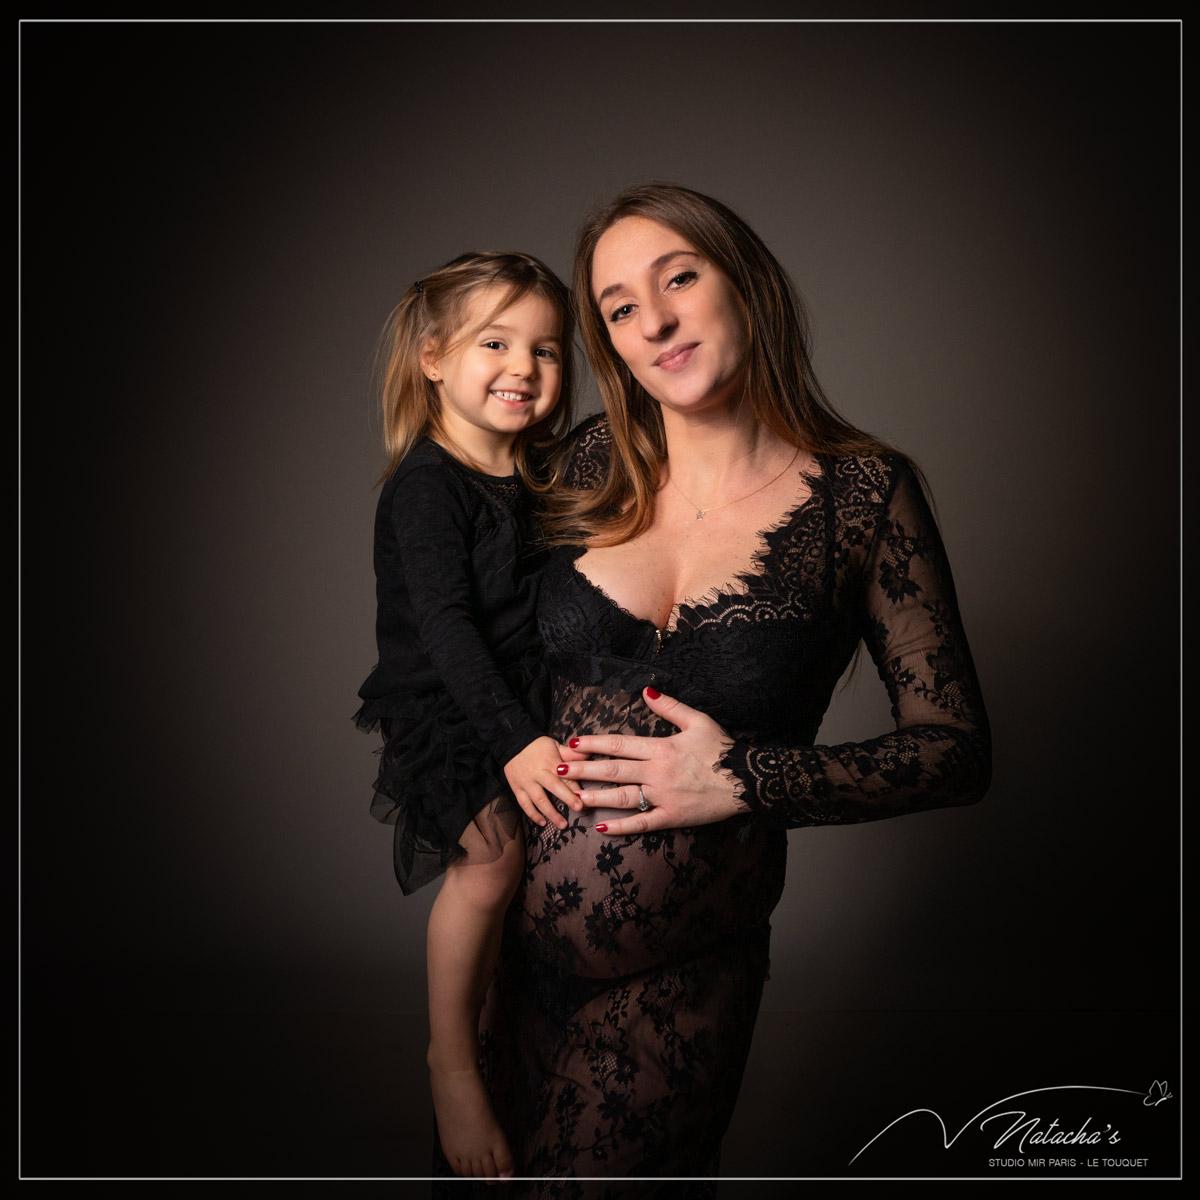 Shooting grossesse mère fille dans le val de marne pour de beaux souvenirs en famille avant l'arrivée de bébé